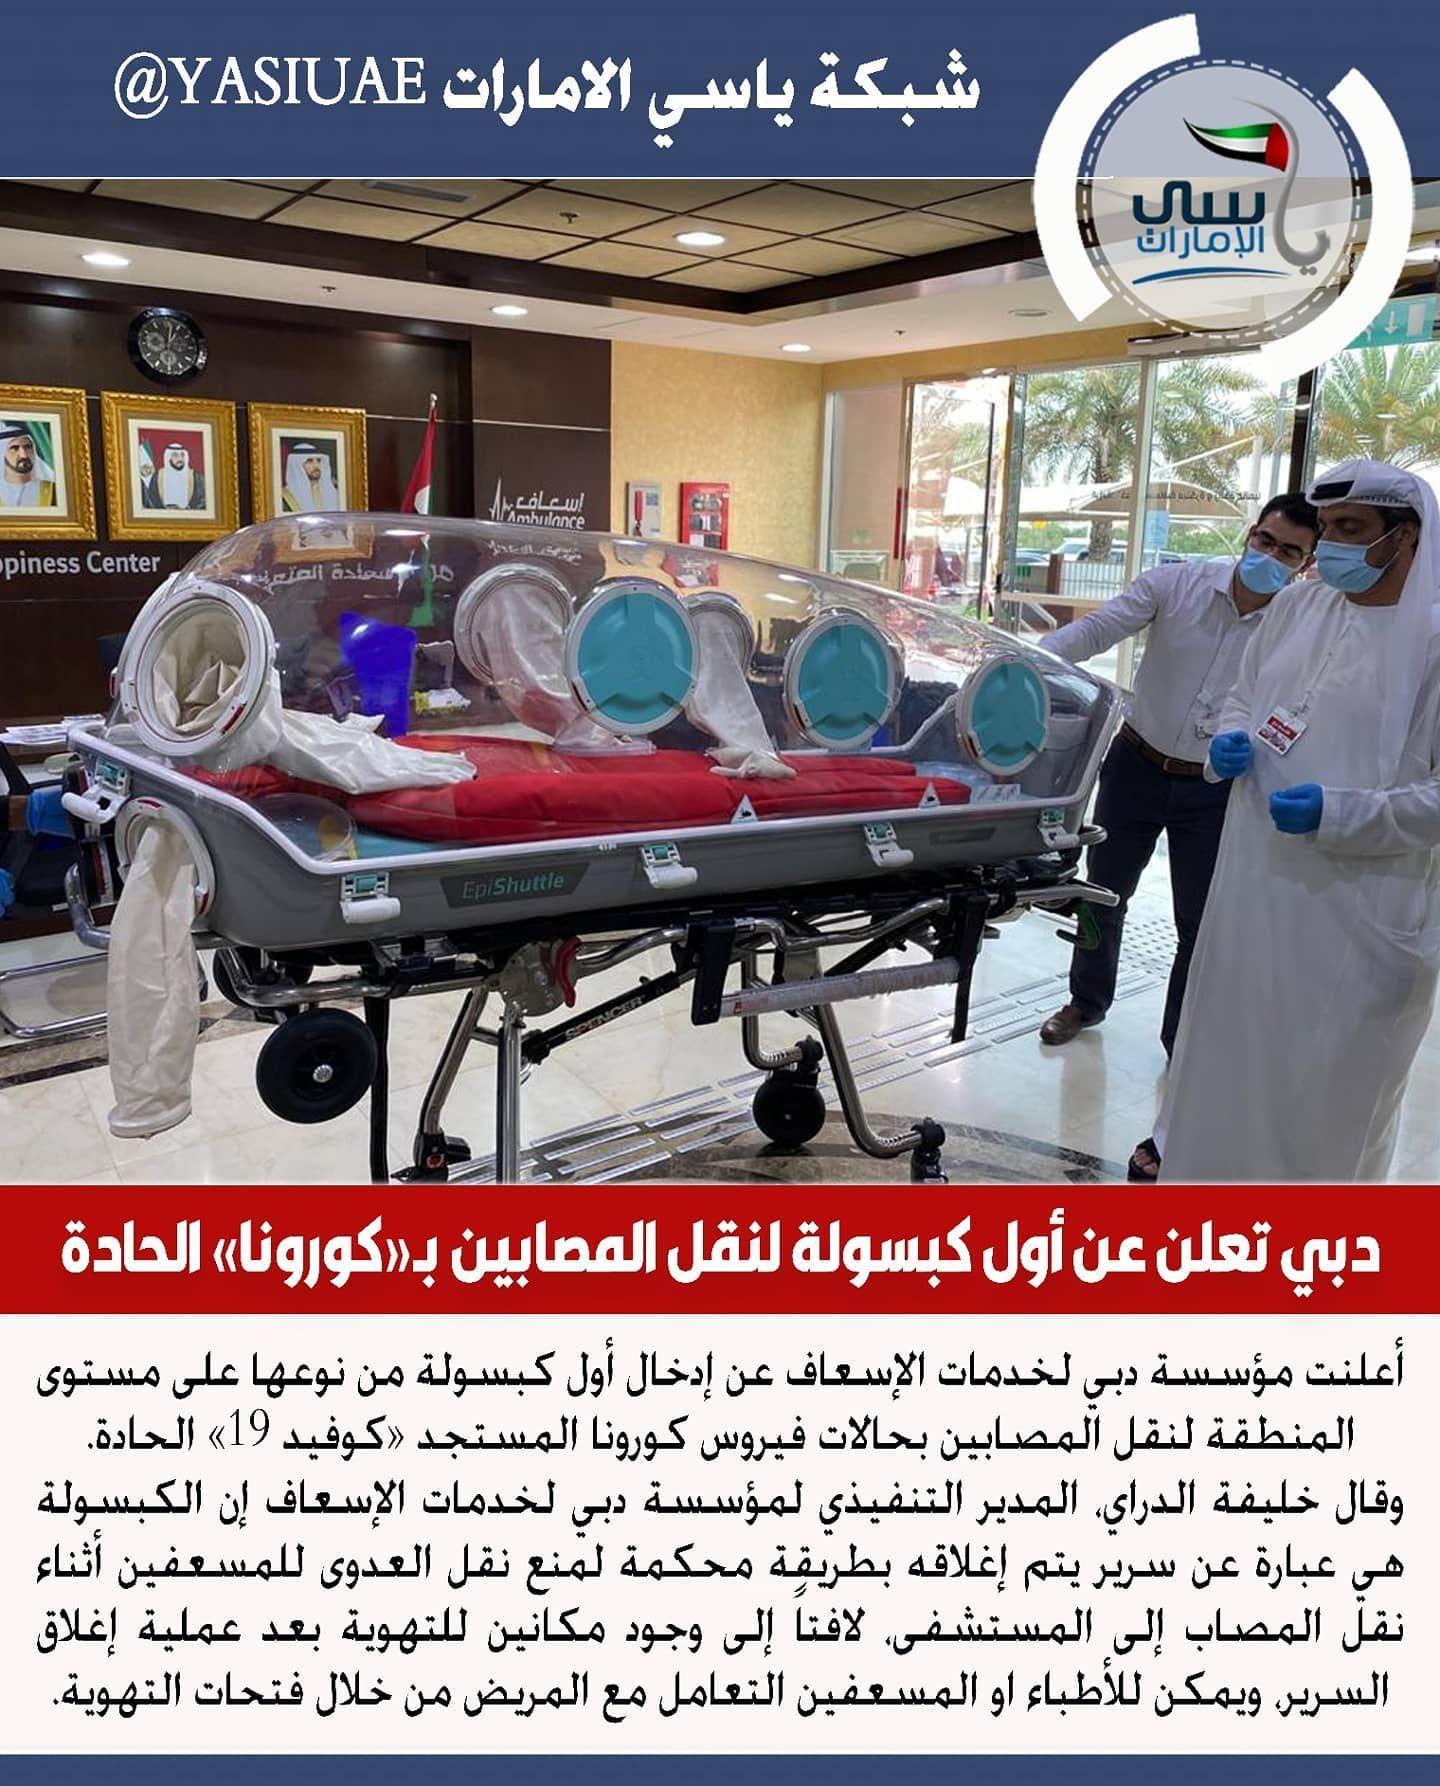 دبي تعلن عن أول كبسولة لنقل المصابين بـ كورونا الحادة Poker Table Home Decor Decor